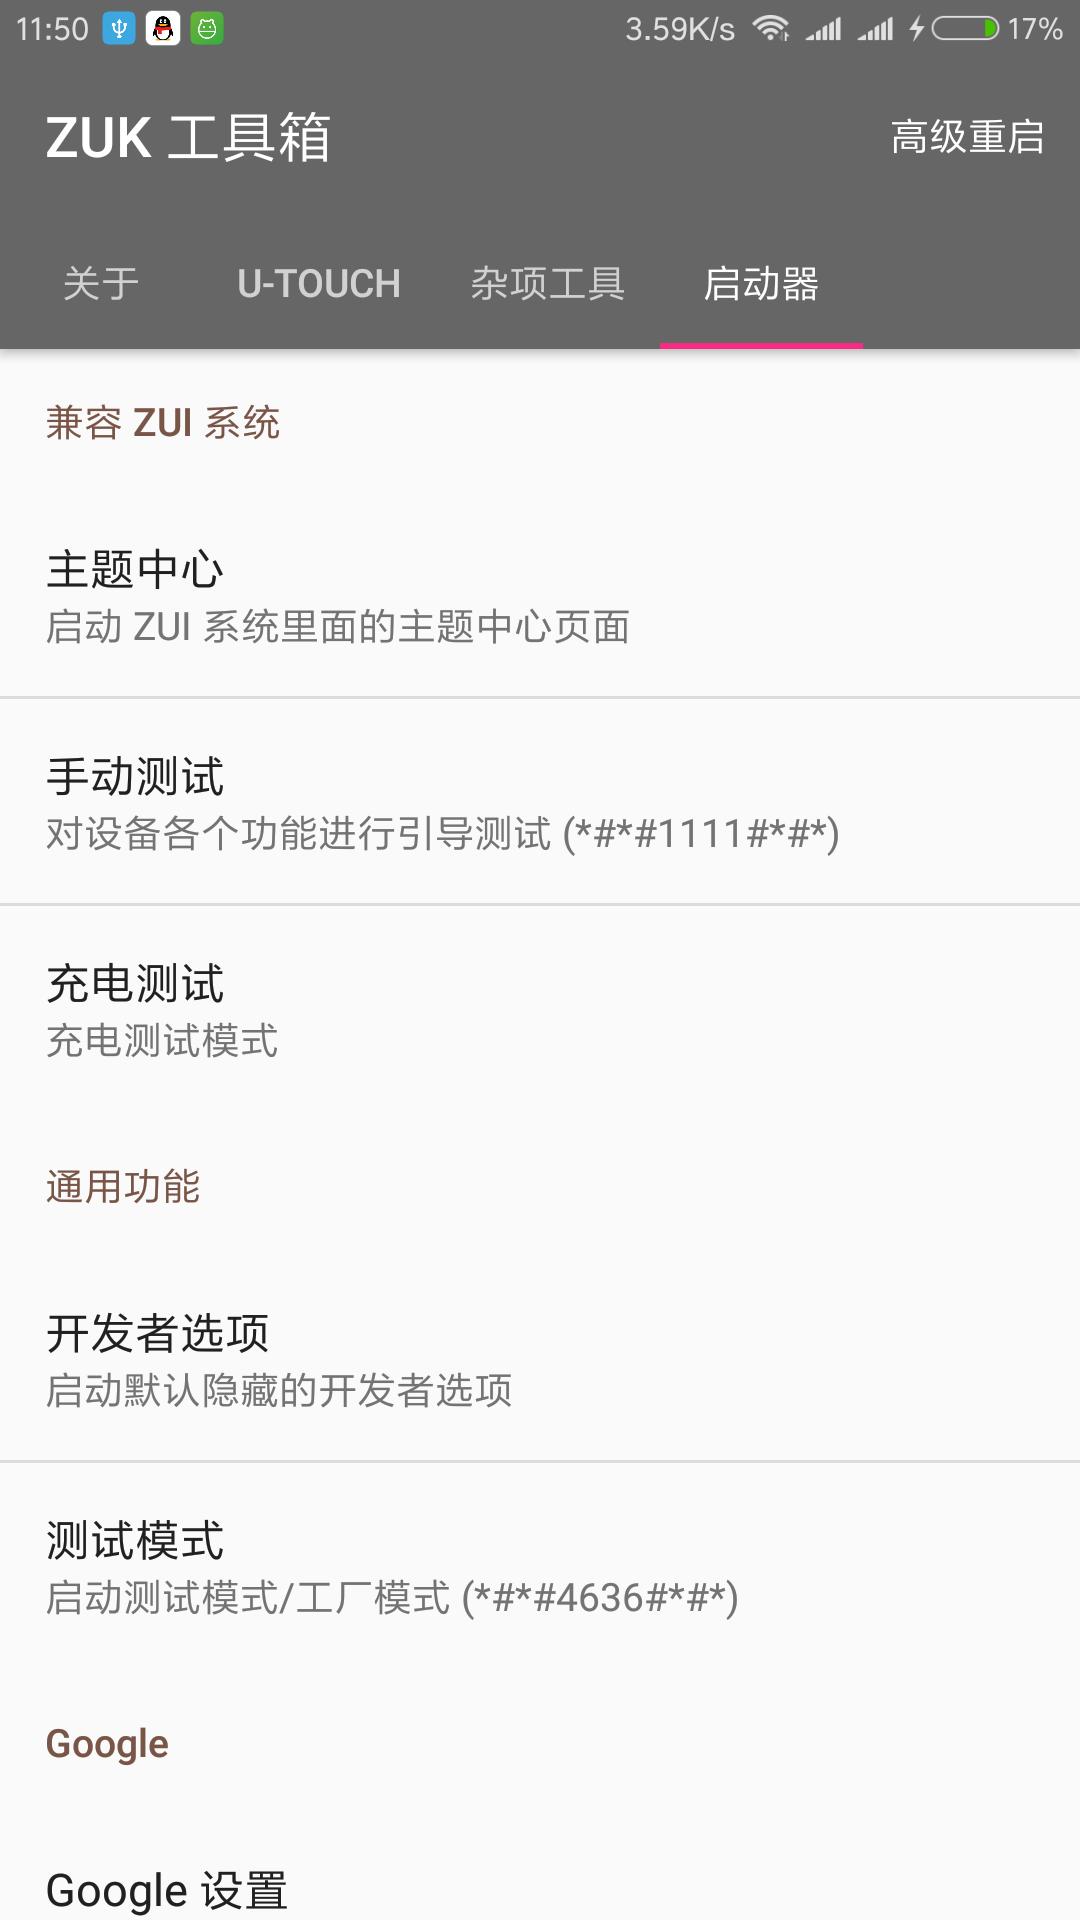 【资源分享】Next ZUK - ZUK工具箱-爱小助